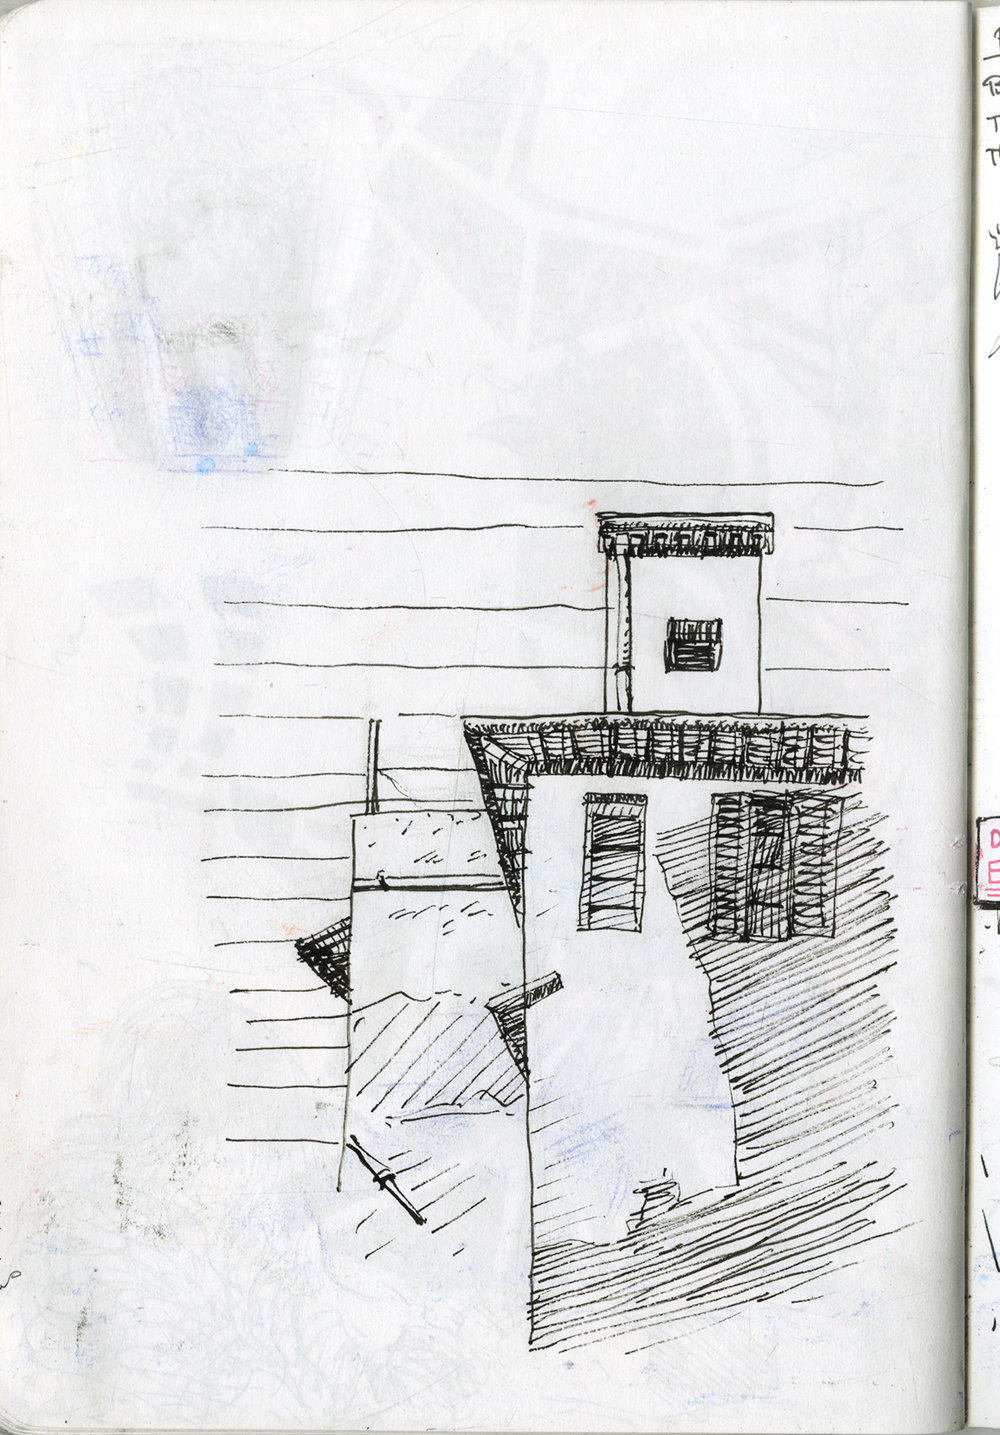 new_floppy_sketchbook_2_edits_44.jpg